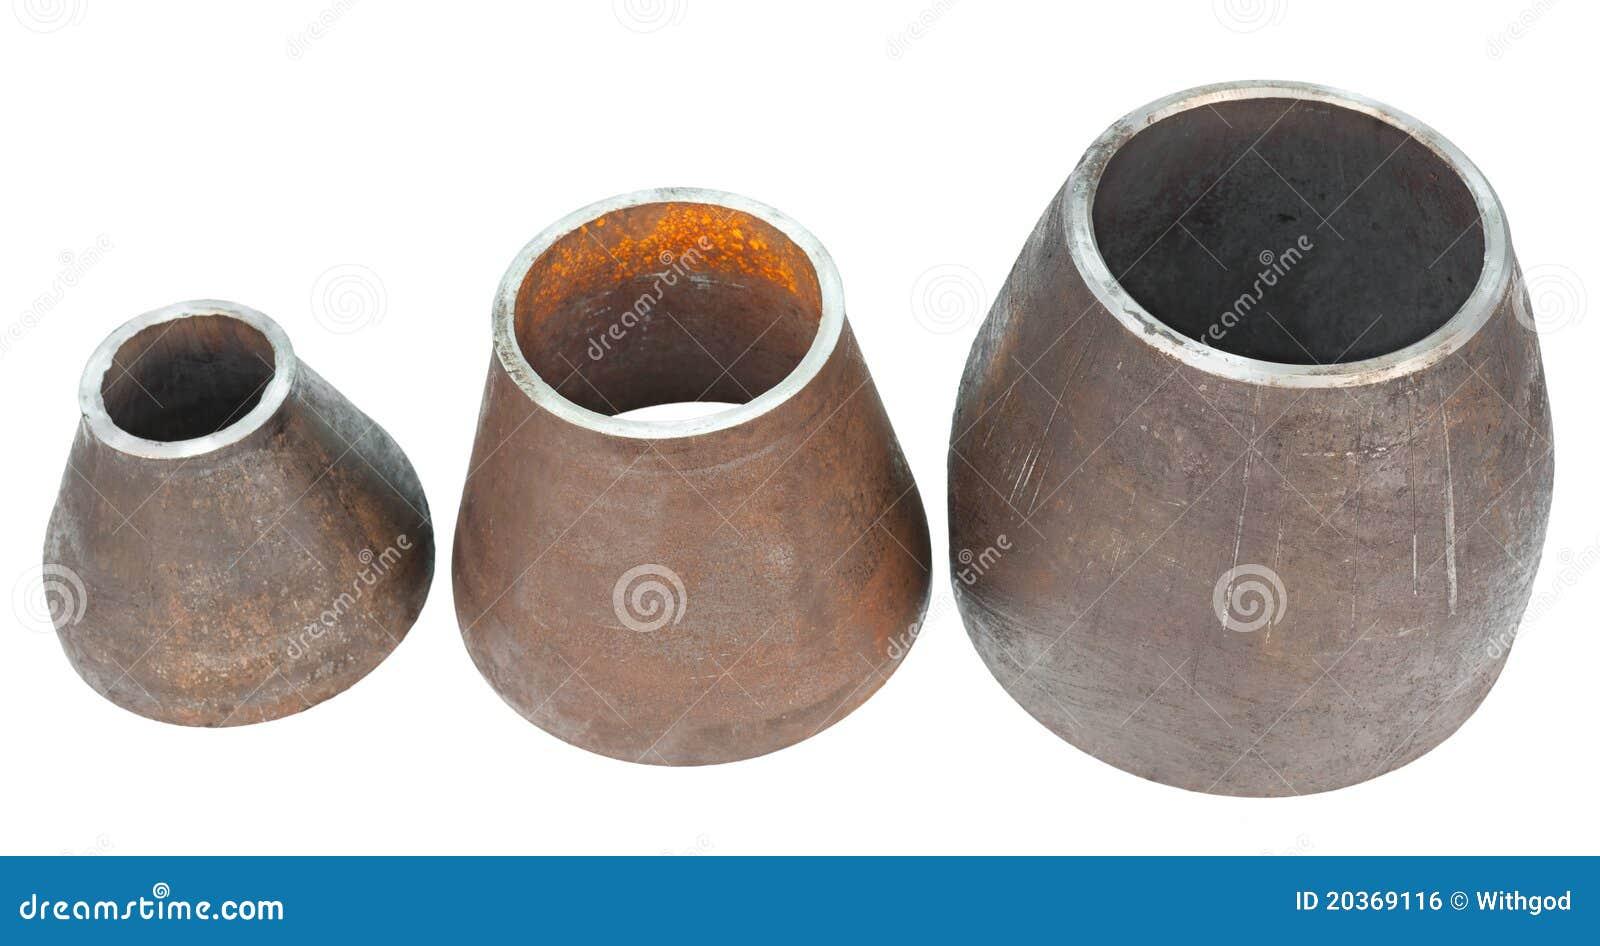 Bushings metal